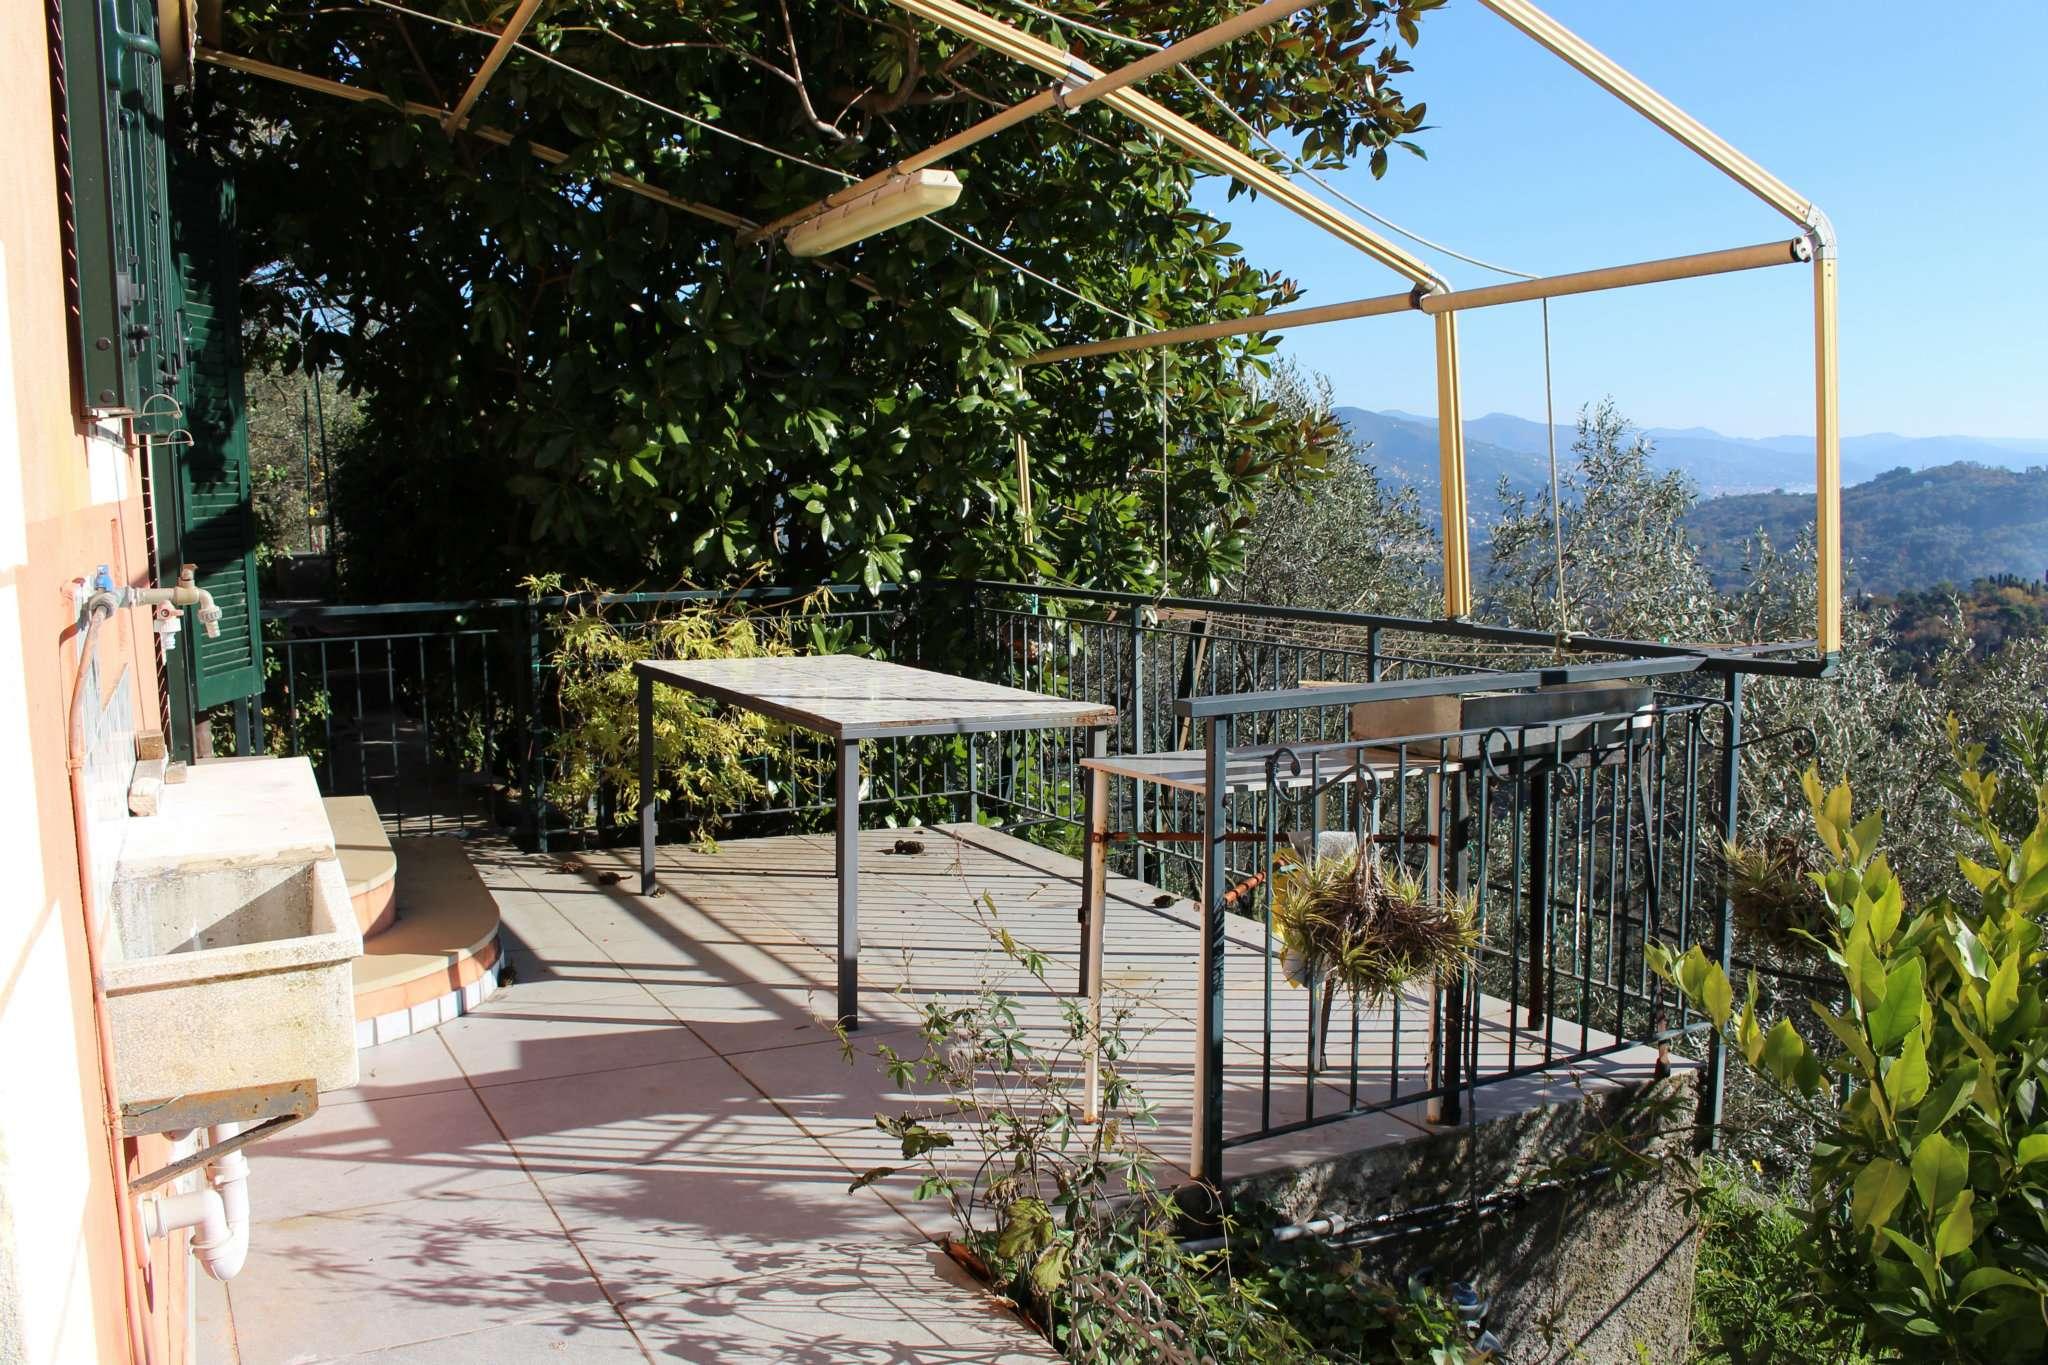 Appartamento in vendita a Rapallo, 2 locali, prezzo € 88.000 | PortaleAgenzieImmobiliari.it